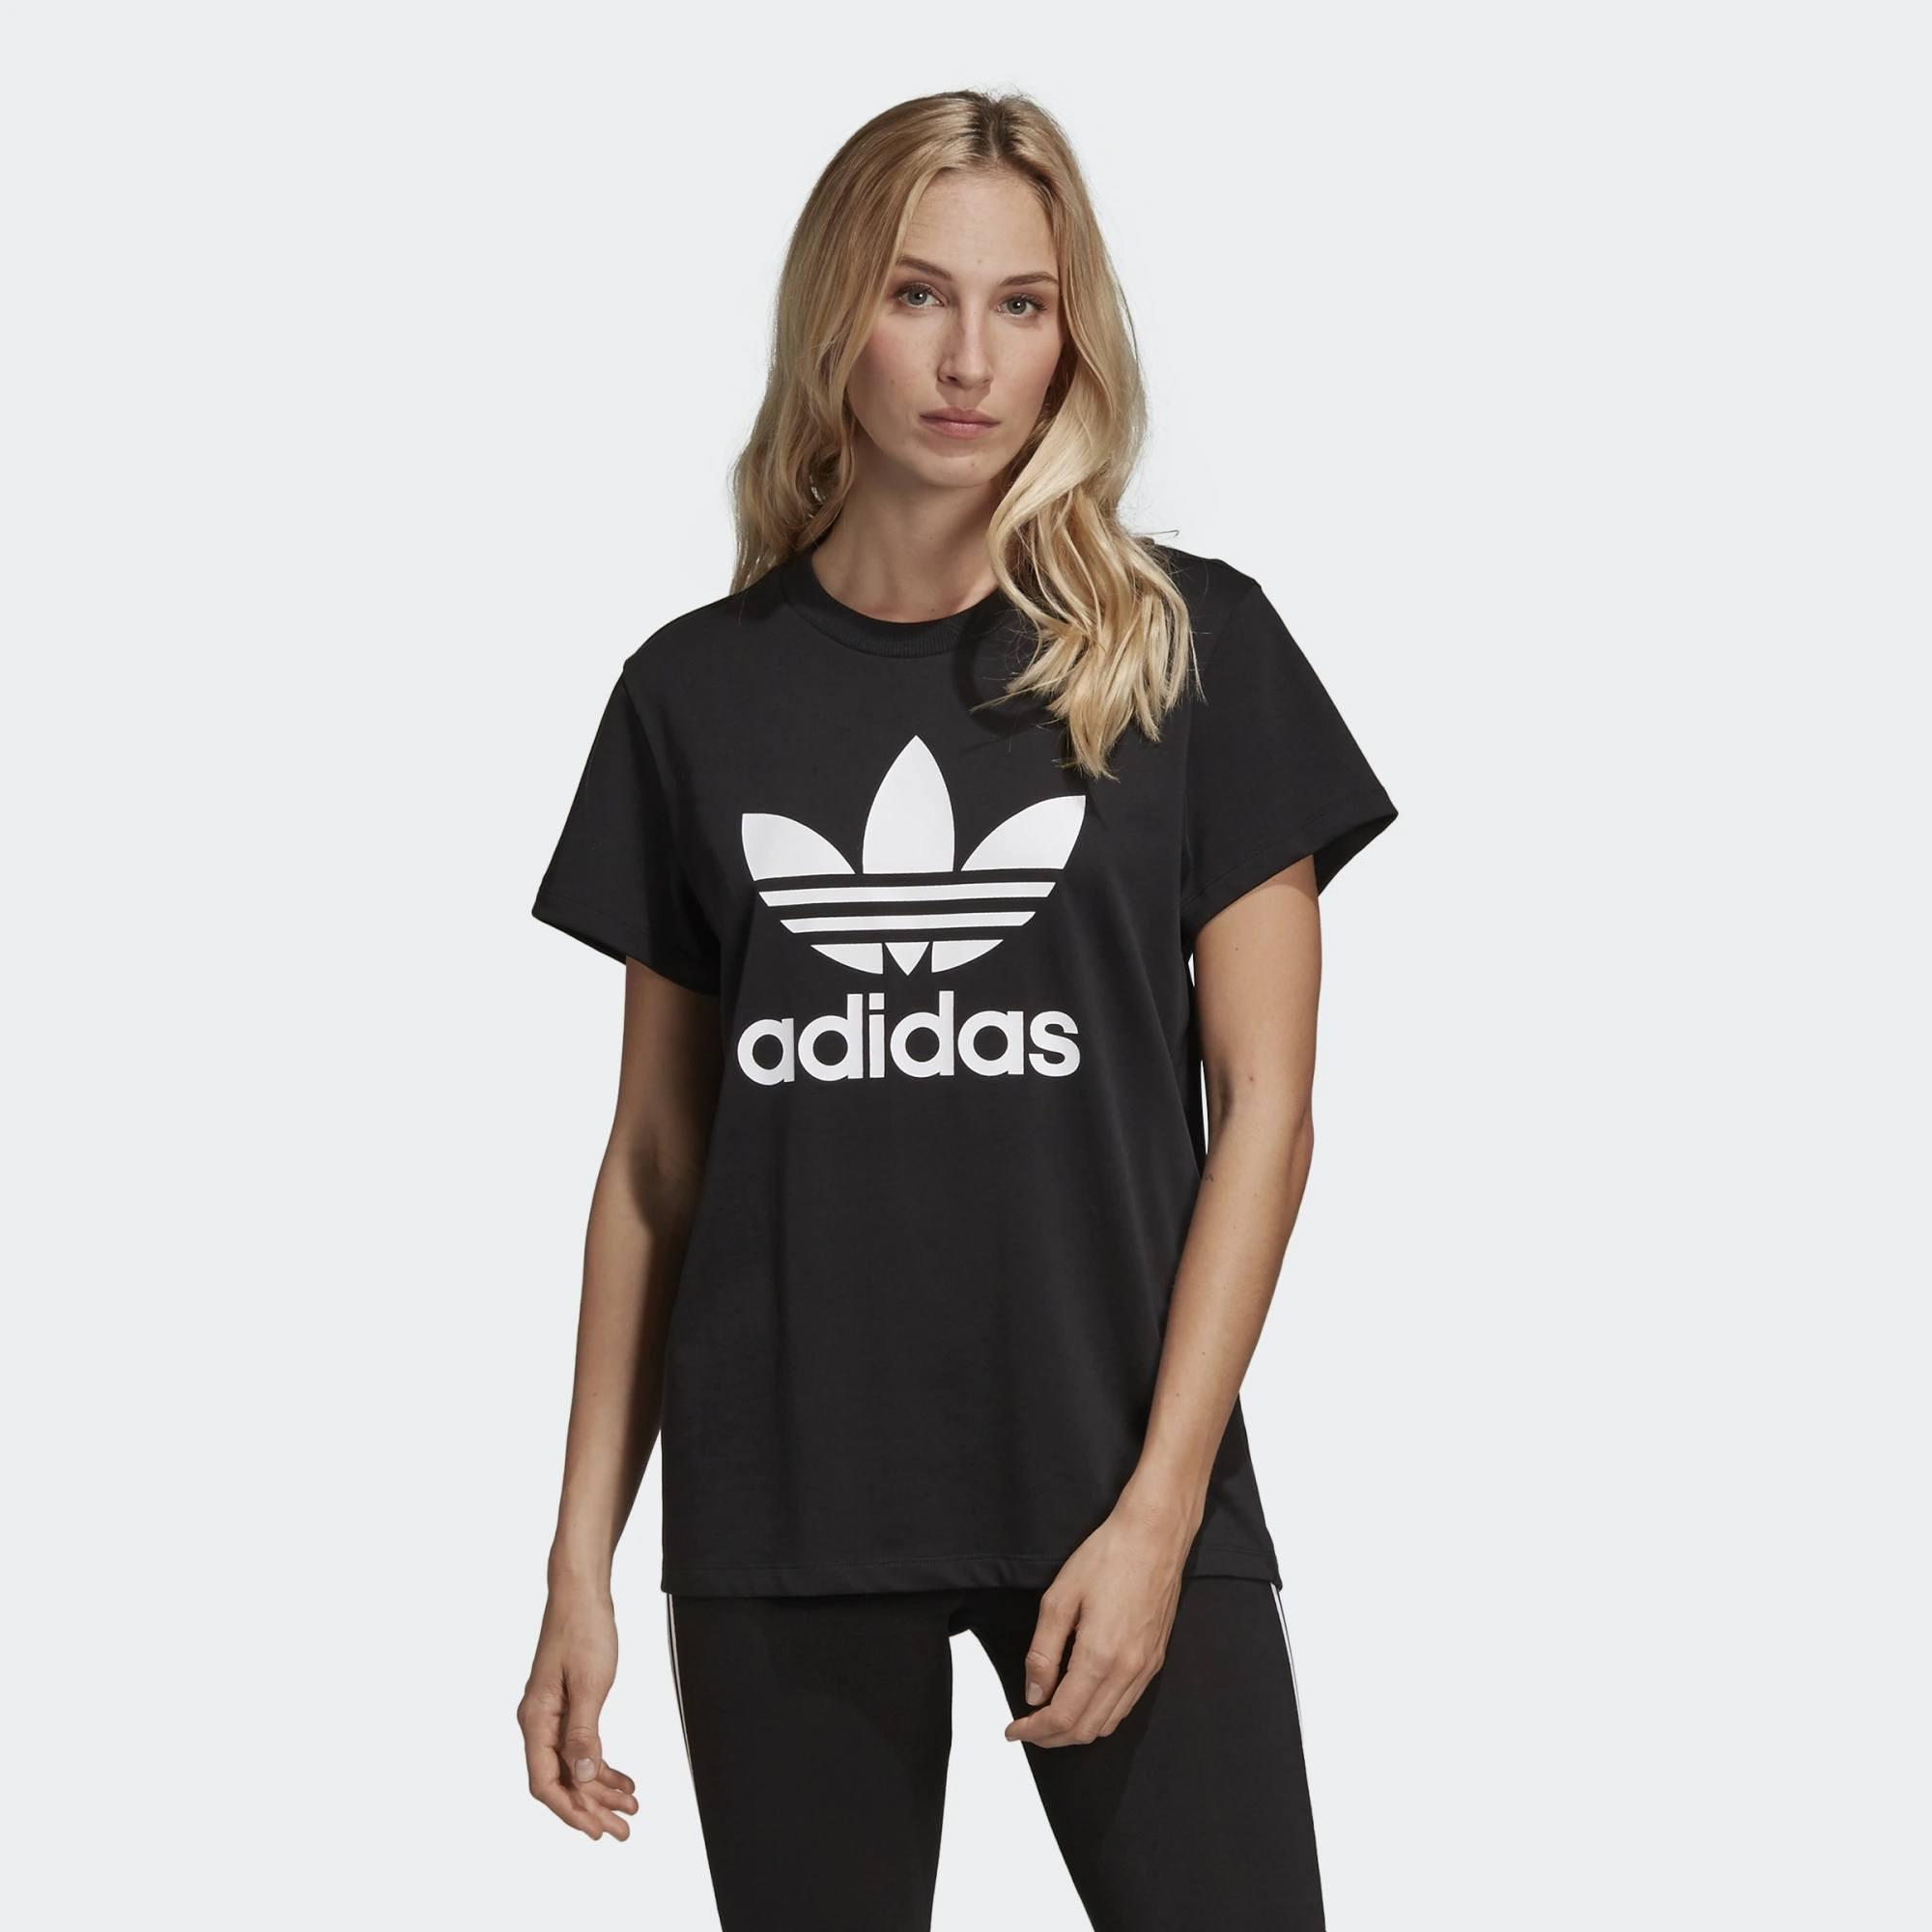 adidas Originals Boyfriend Trefoil Women's Tee (9000022717_1469)